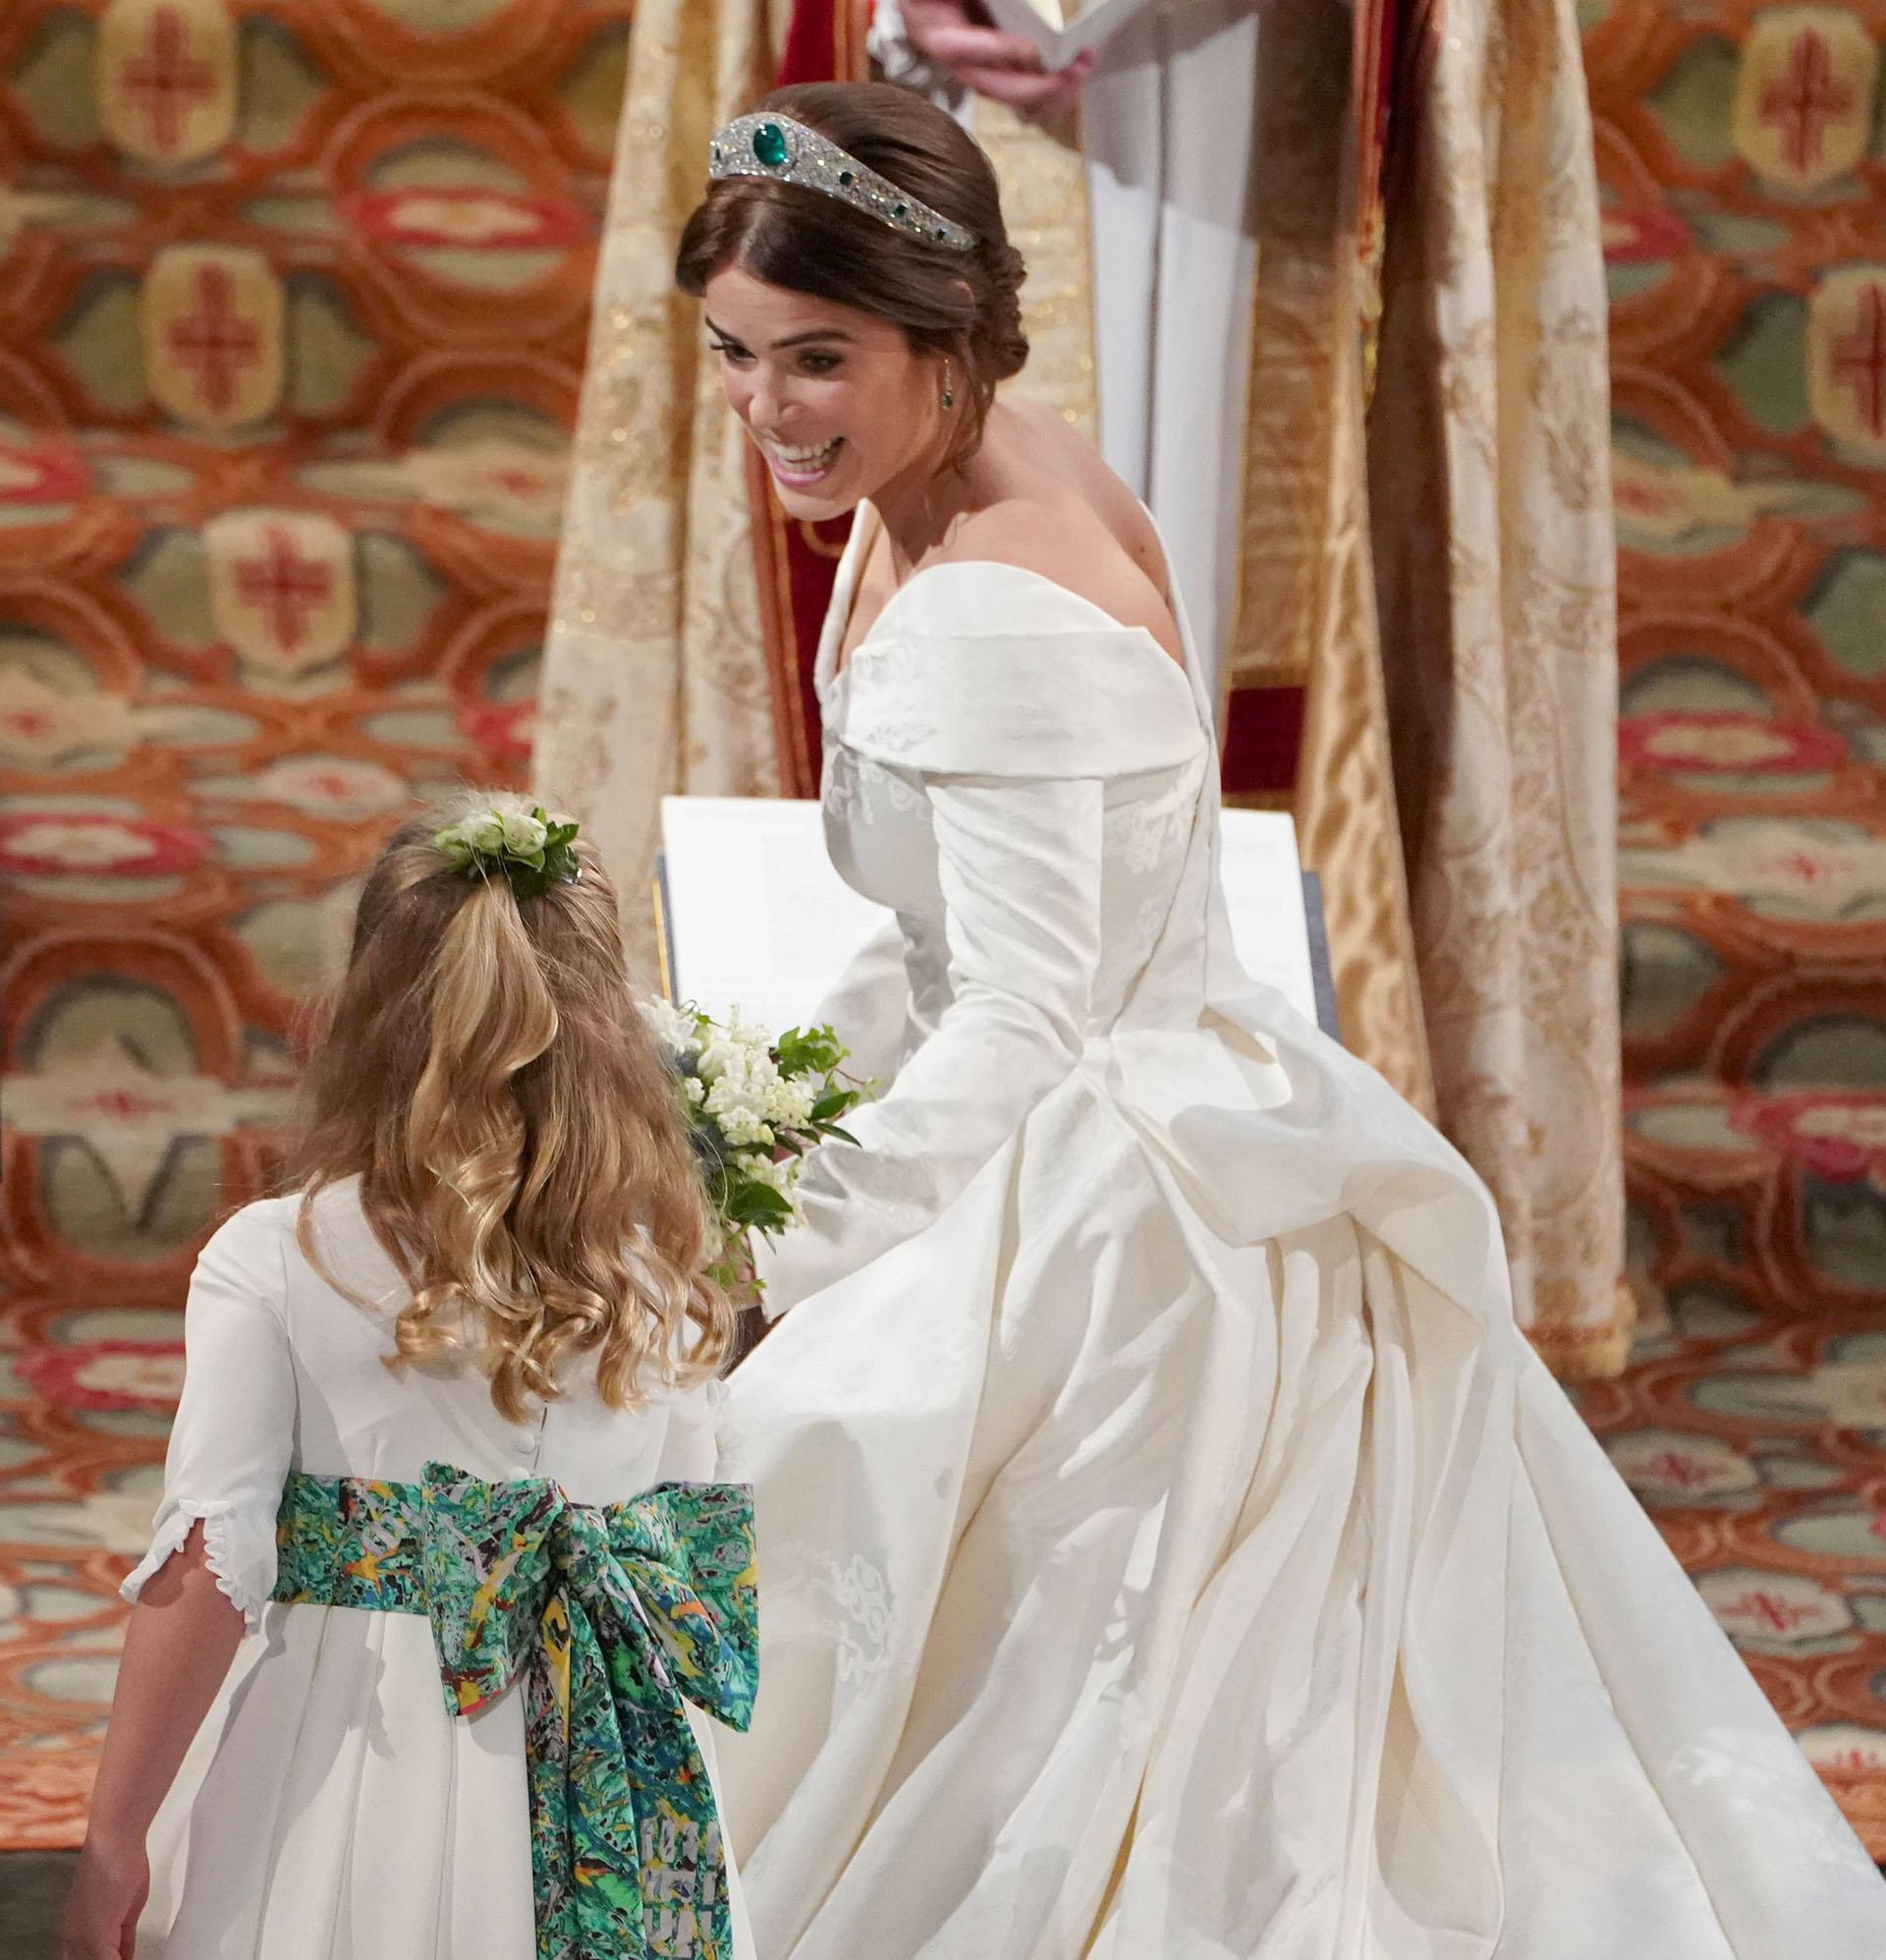 La princesa Eugenie entregando su ramo antes del intercambio de anillos